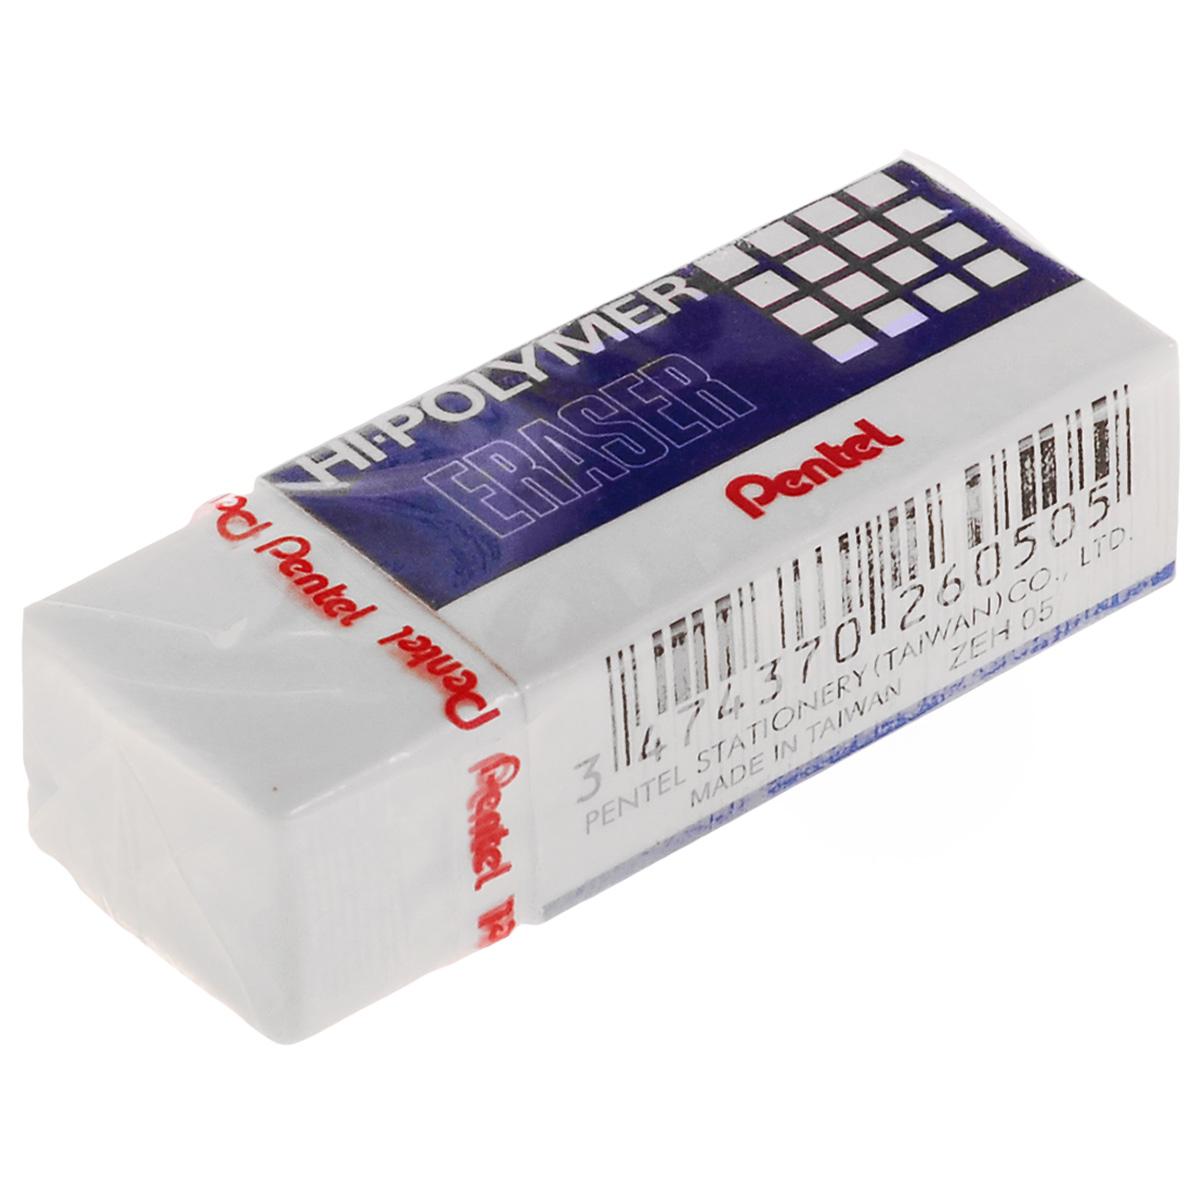 Ластик Pentel, цвет: белыйPZEH-05_белыйВысокополимерный ластик Pentel станет незаменимым аксессуаром на рабочем столе не только школьника или студента, но и офисного работника. Ластик обеспечивает мягкое и легкое стирание не за счет трения, как обычные каучуковые ластики, а за счет присутствия в составе микрокапсул специального растворяющего вещества. Не повреждает бумагу даже при многократном стирании.